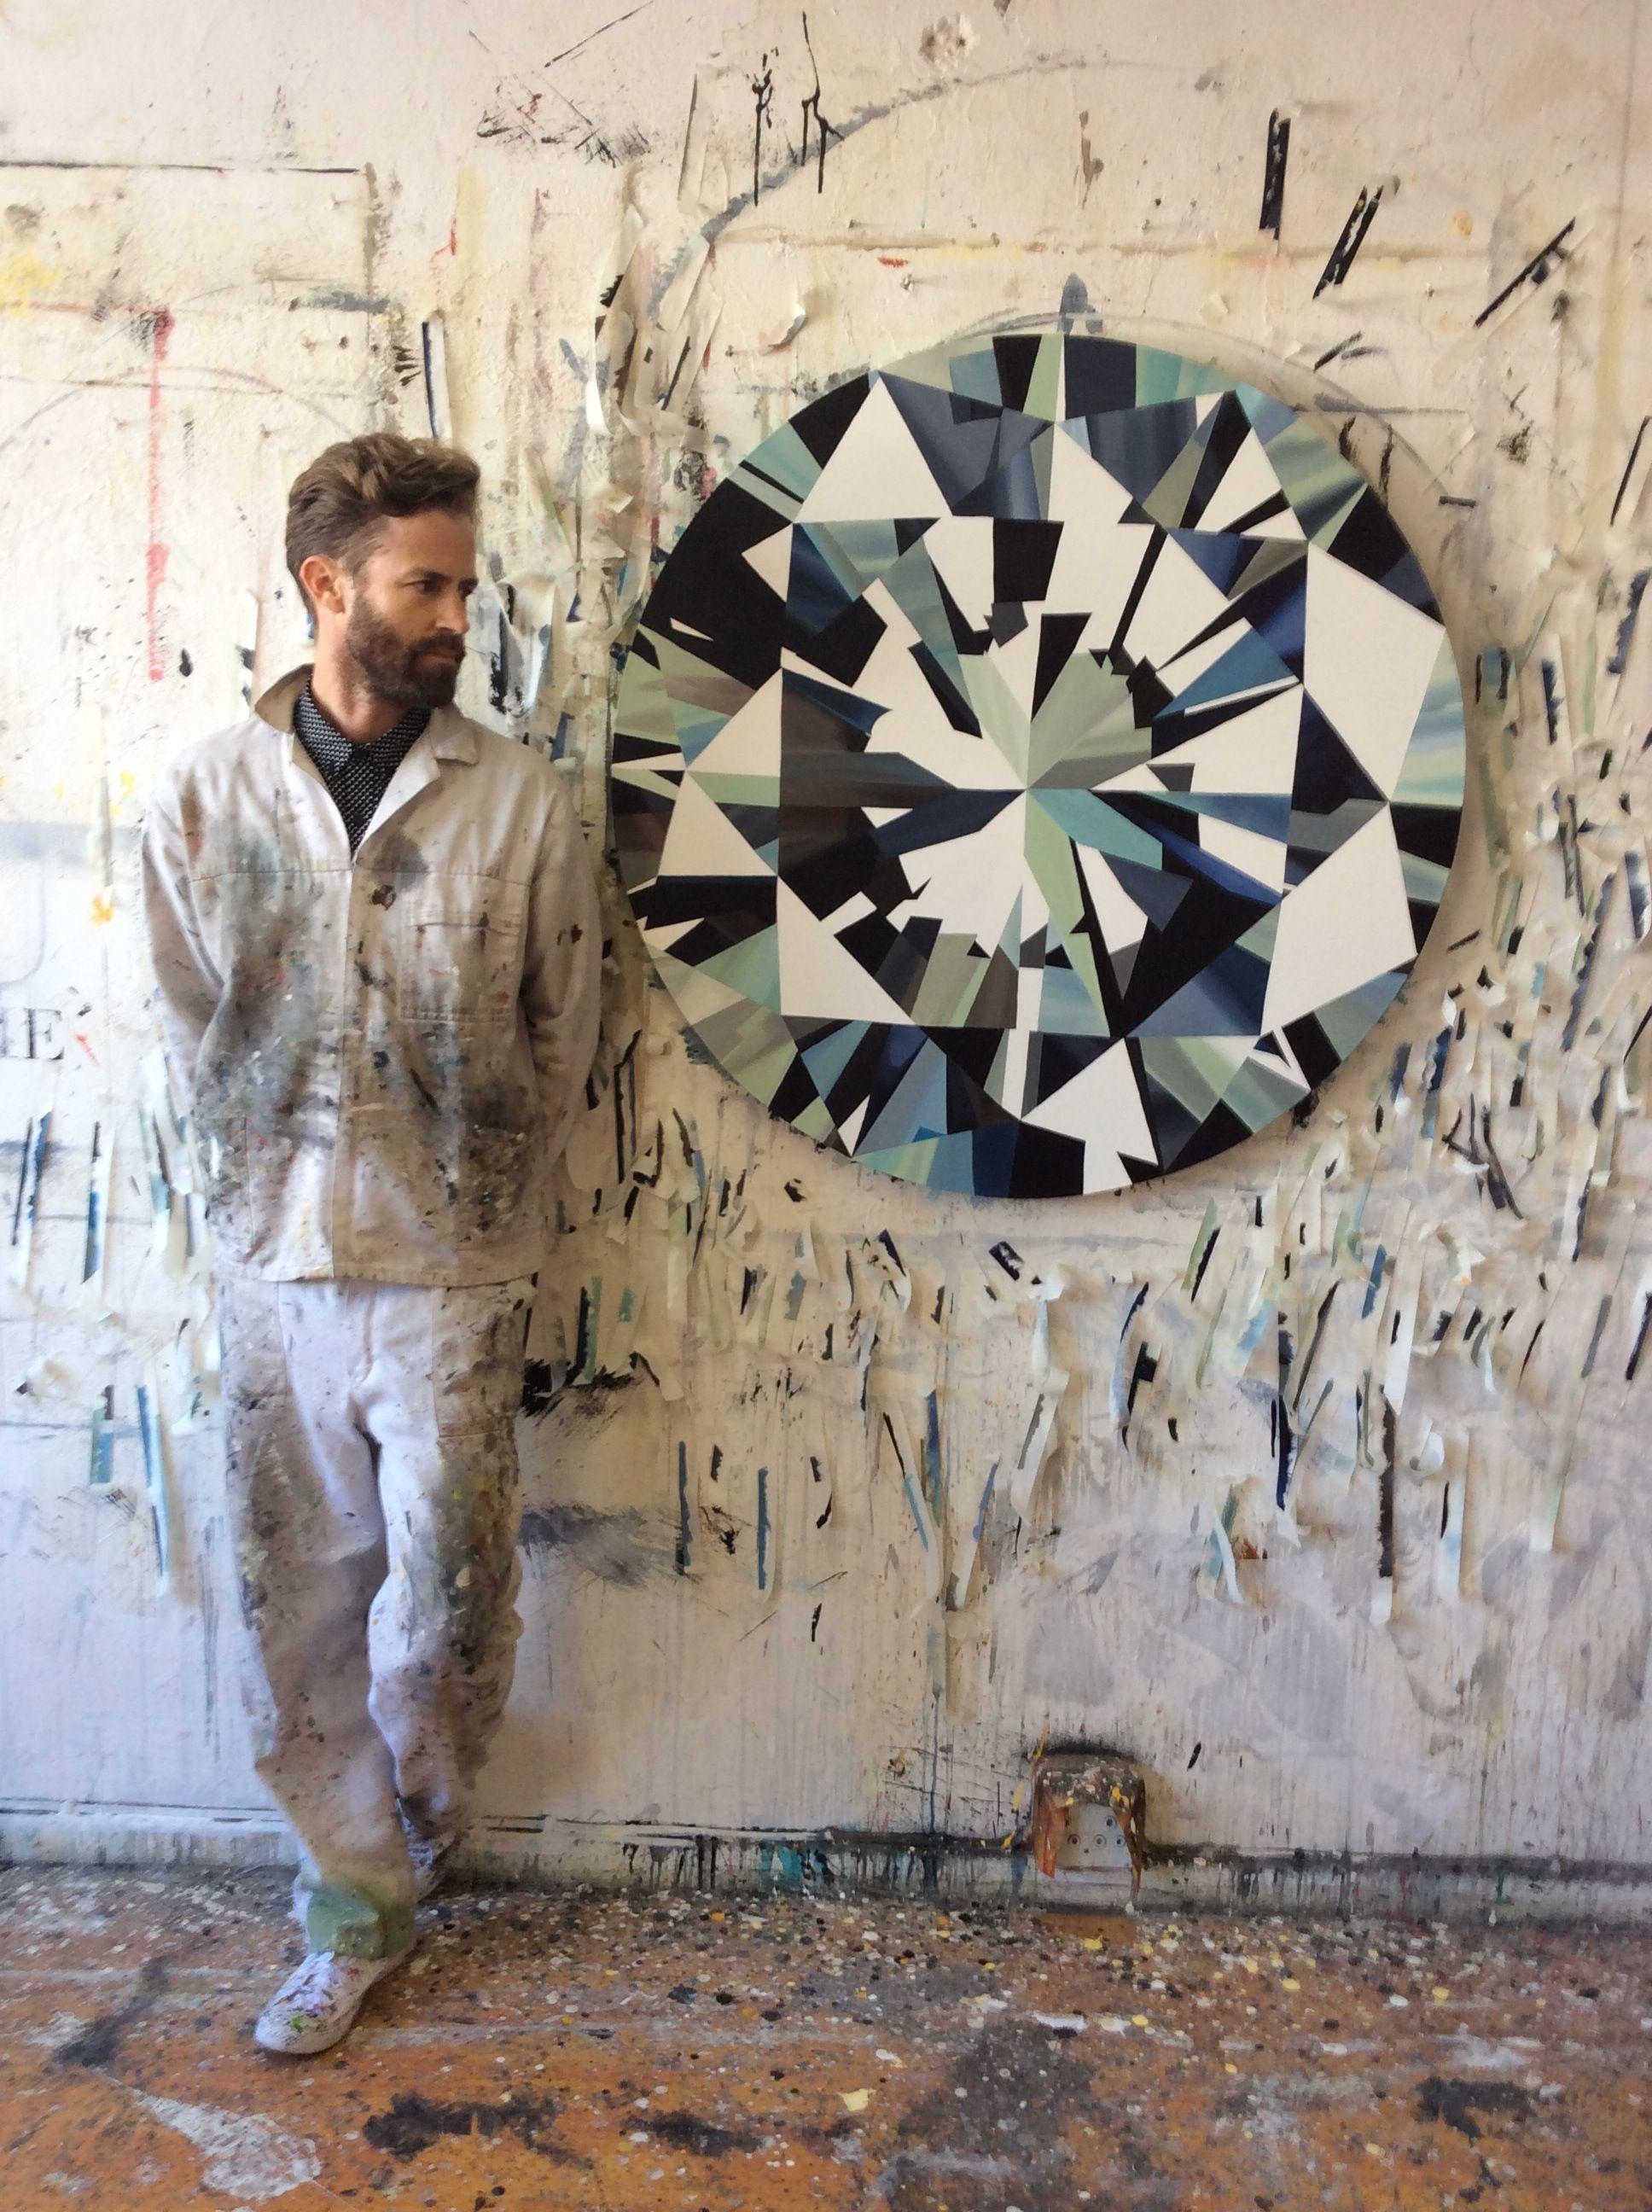 photo_2_1.jpg Kurtz Pio diamond painting